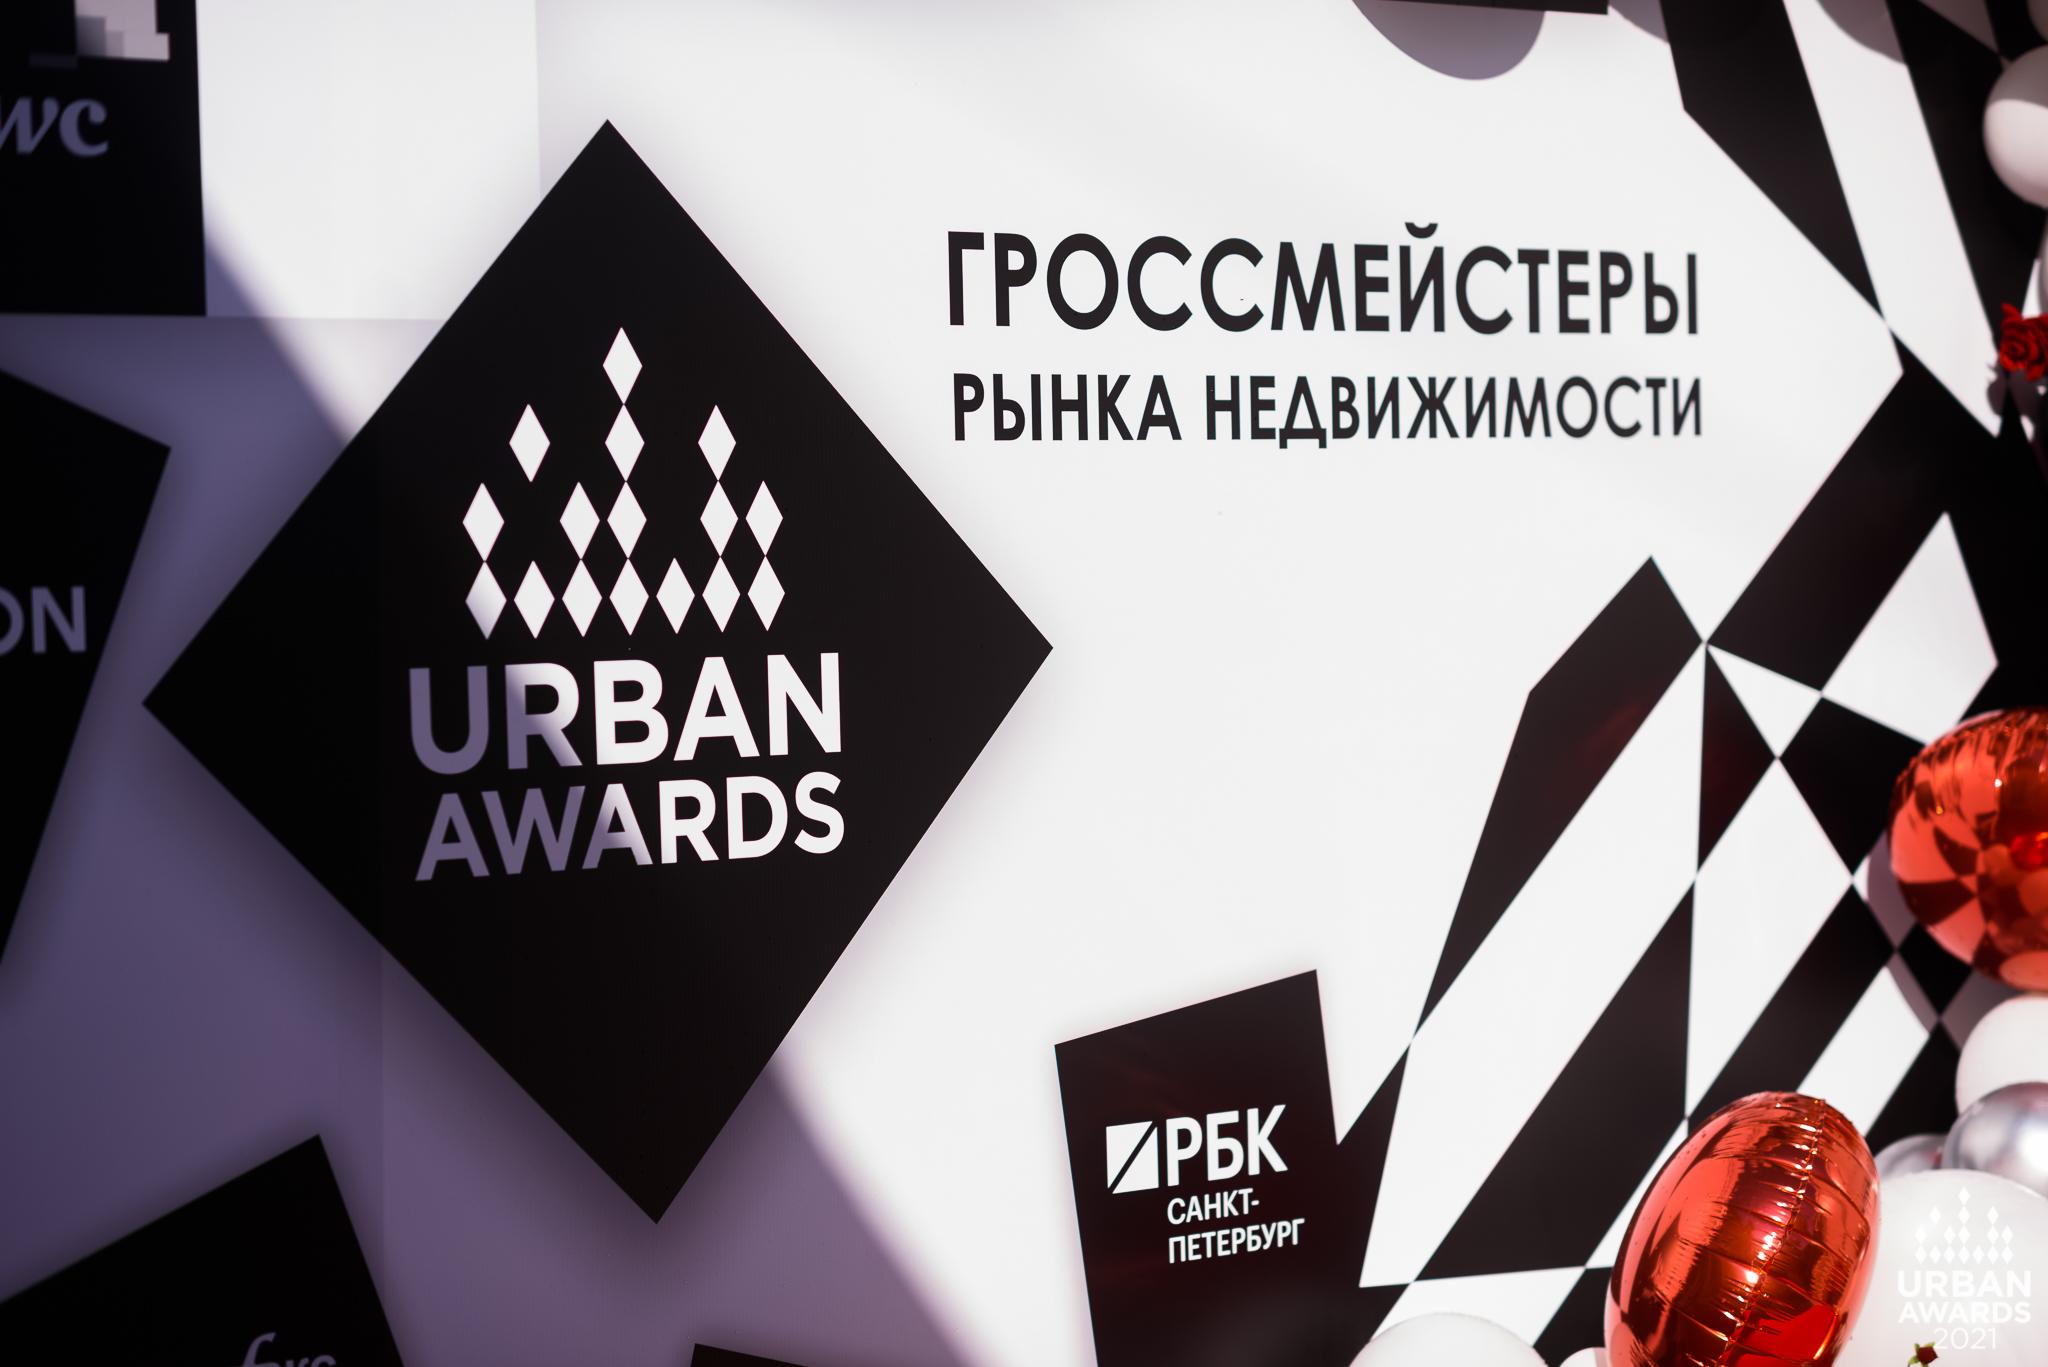 Стартовал прием заявок на XIII Московскую премию